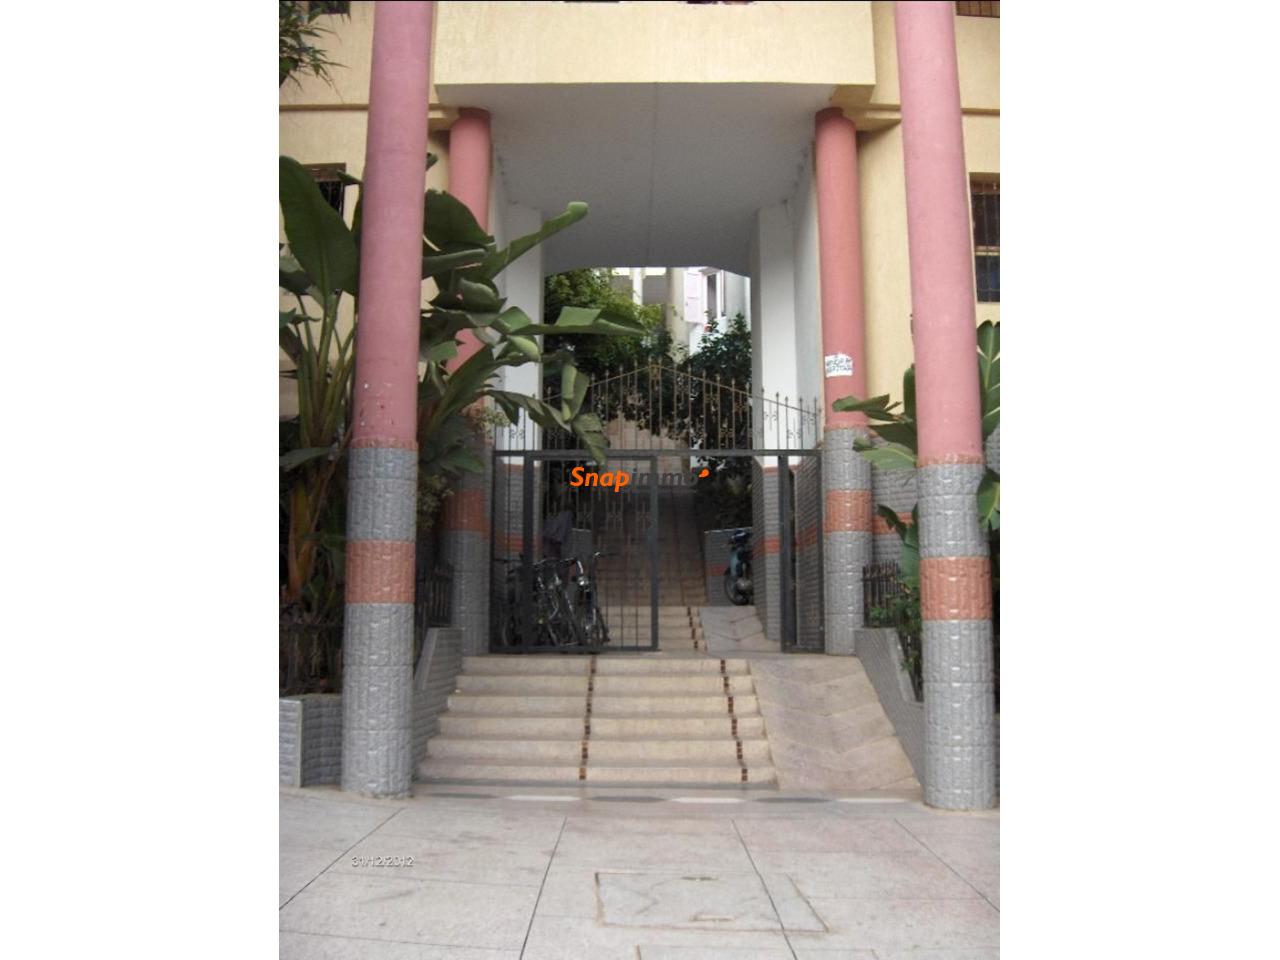 Appartement à louer par mois à Rabat - 1/4